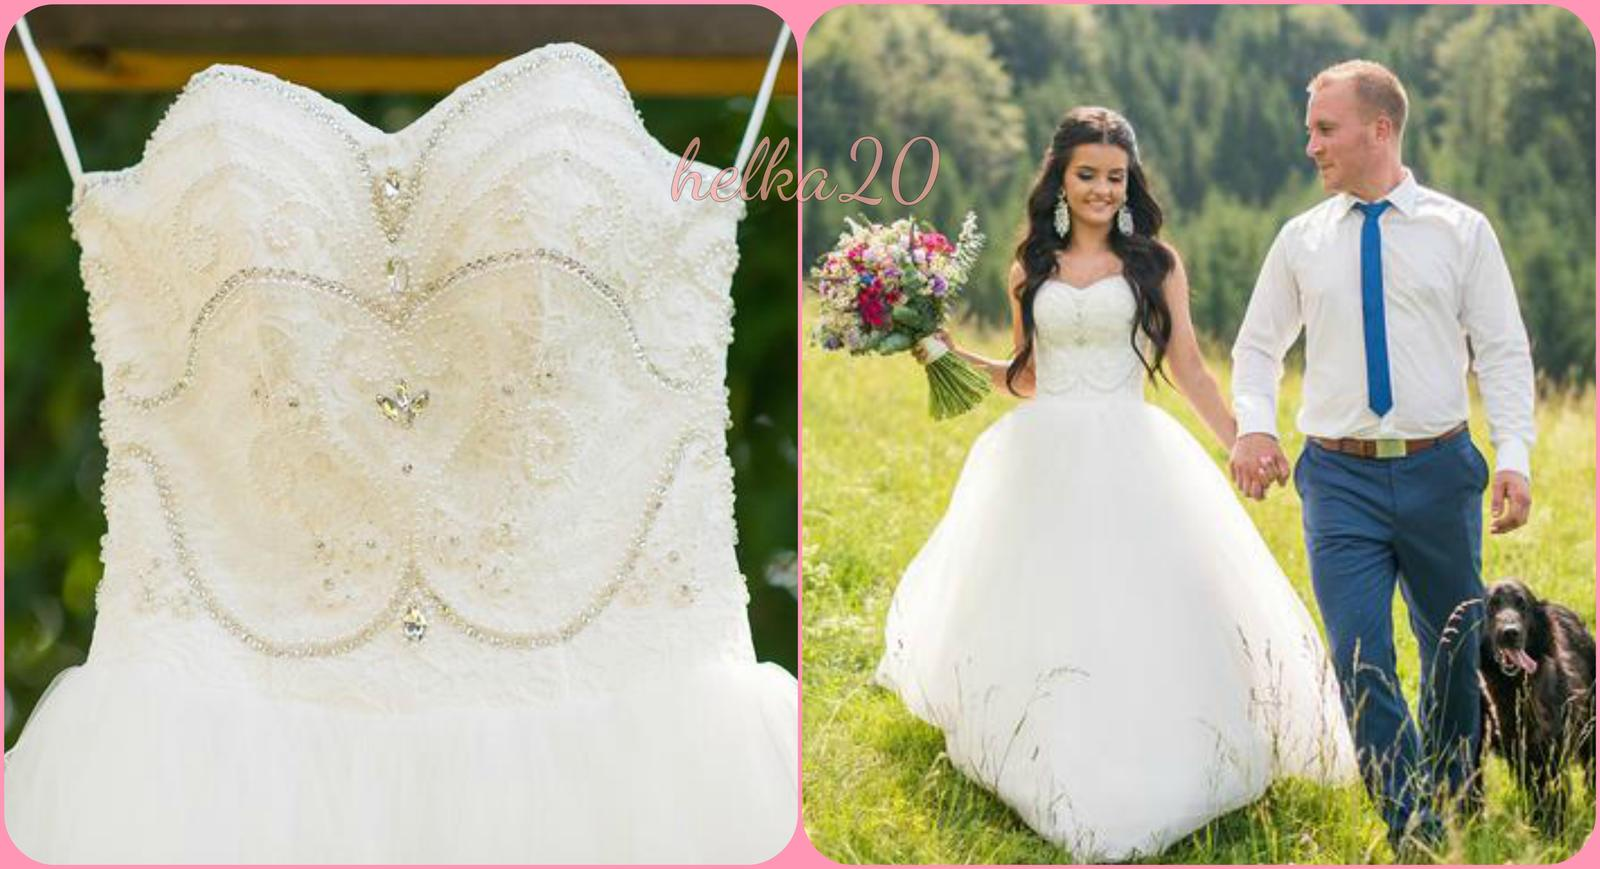 Svadobné šaty neviest z MS - @helka20